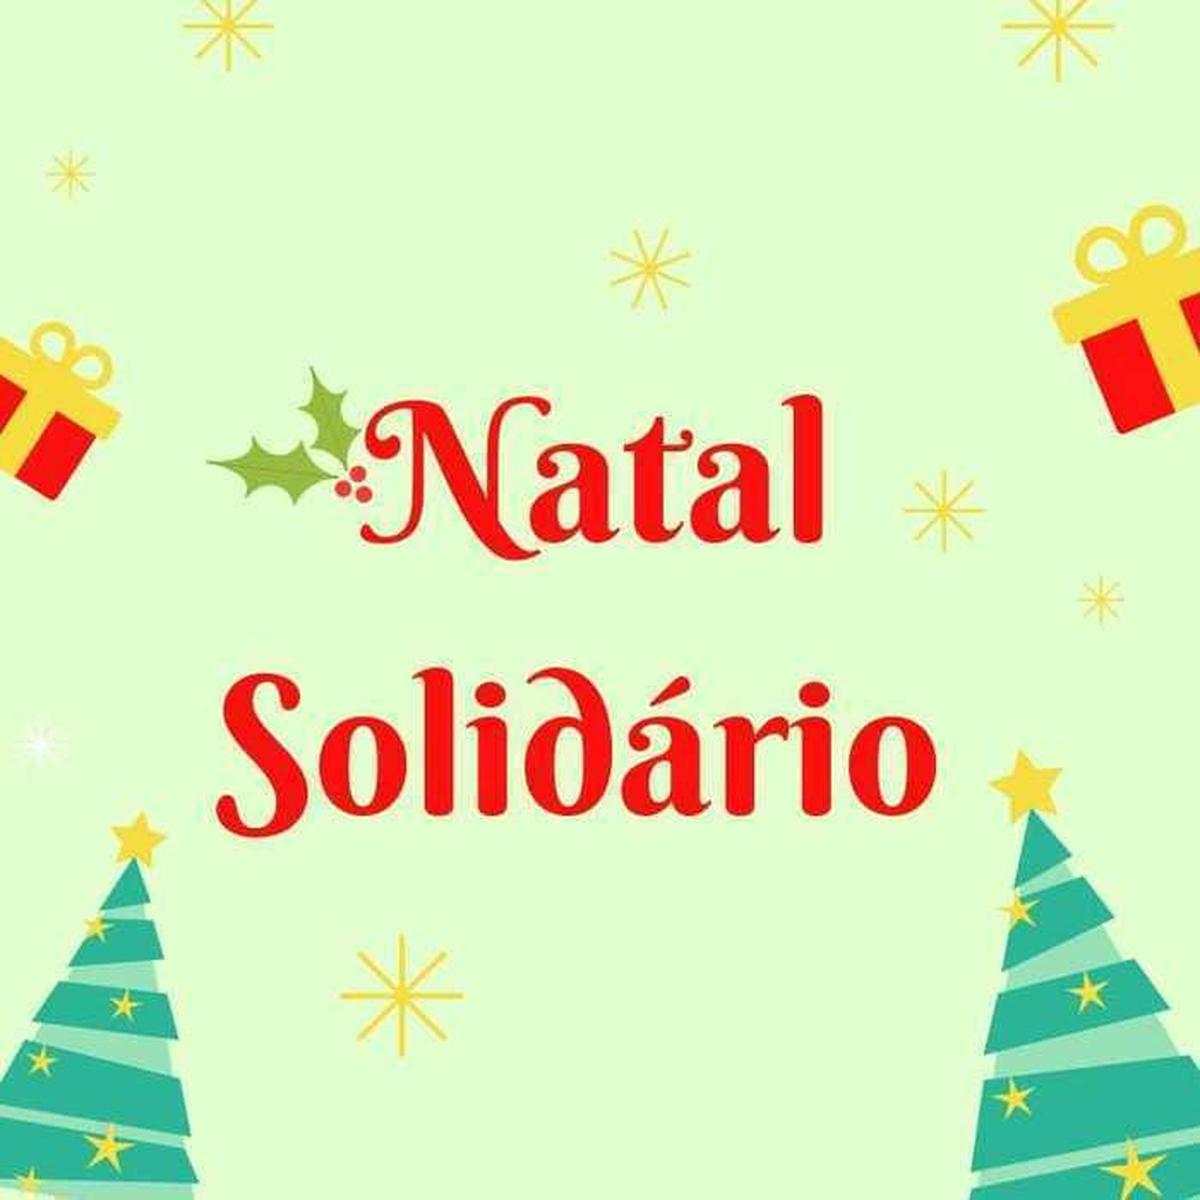 AÇÃO DE NATAL - NATAL SOLIDÁRIO